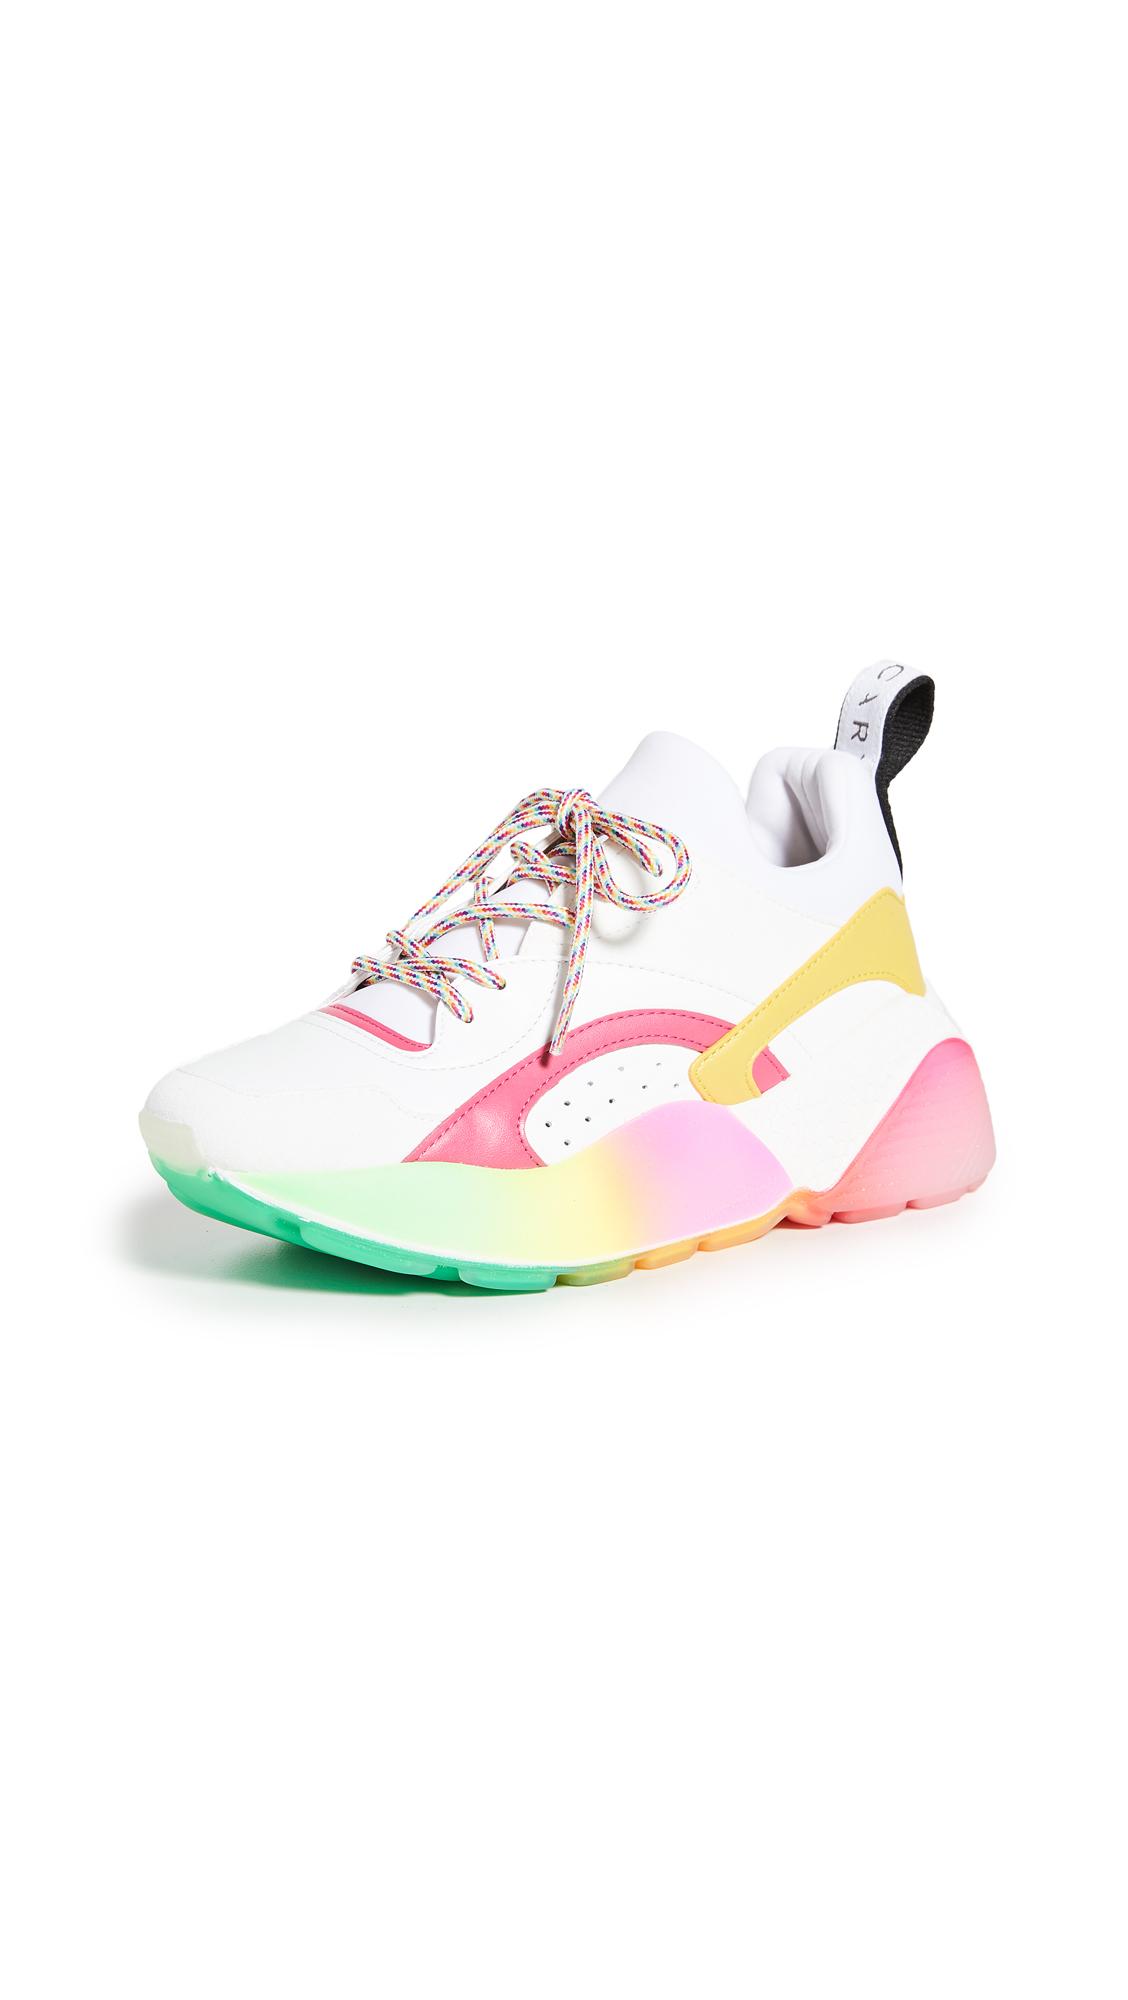 Stella McCartney Eclypse Sneakers – 60% Off Sale